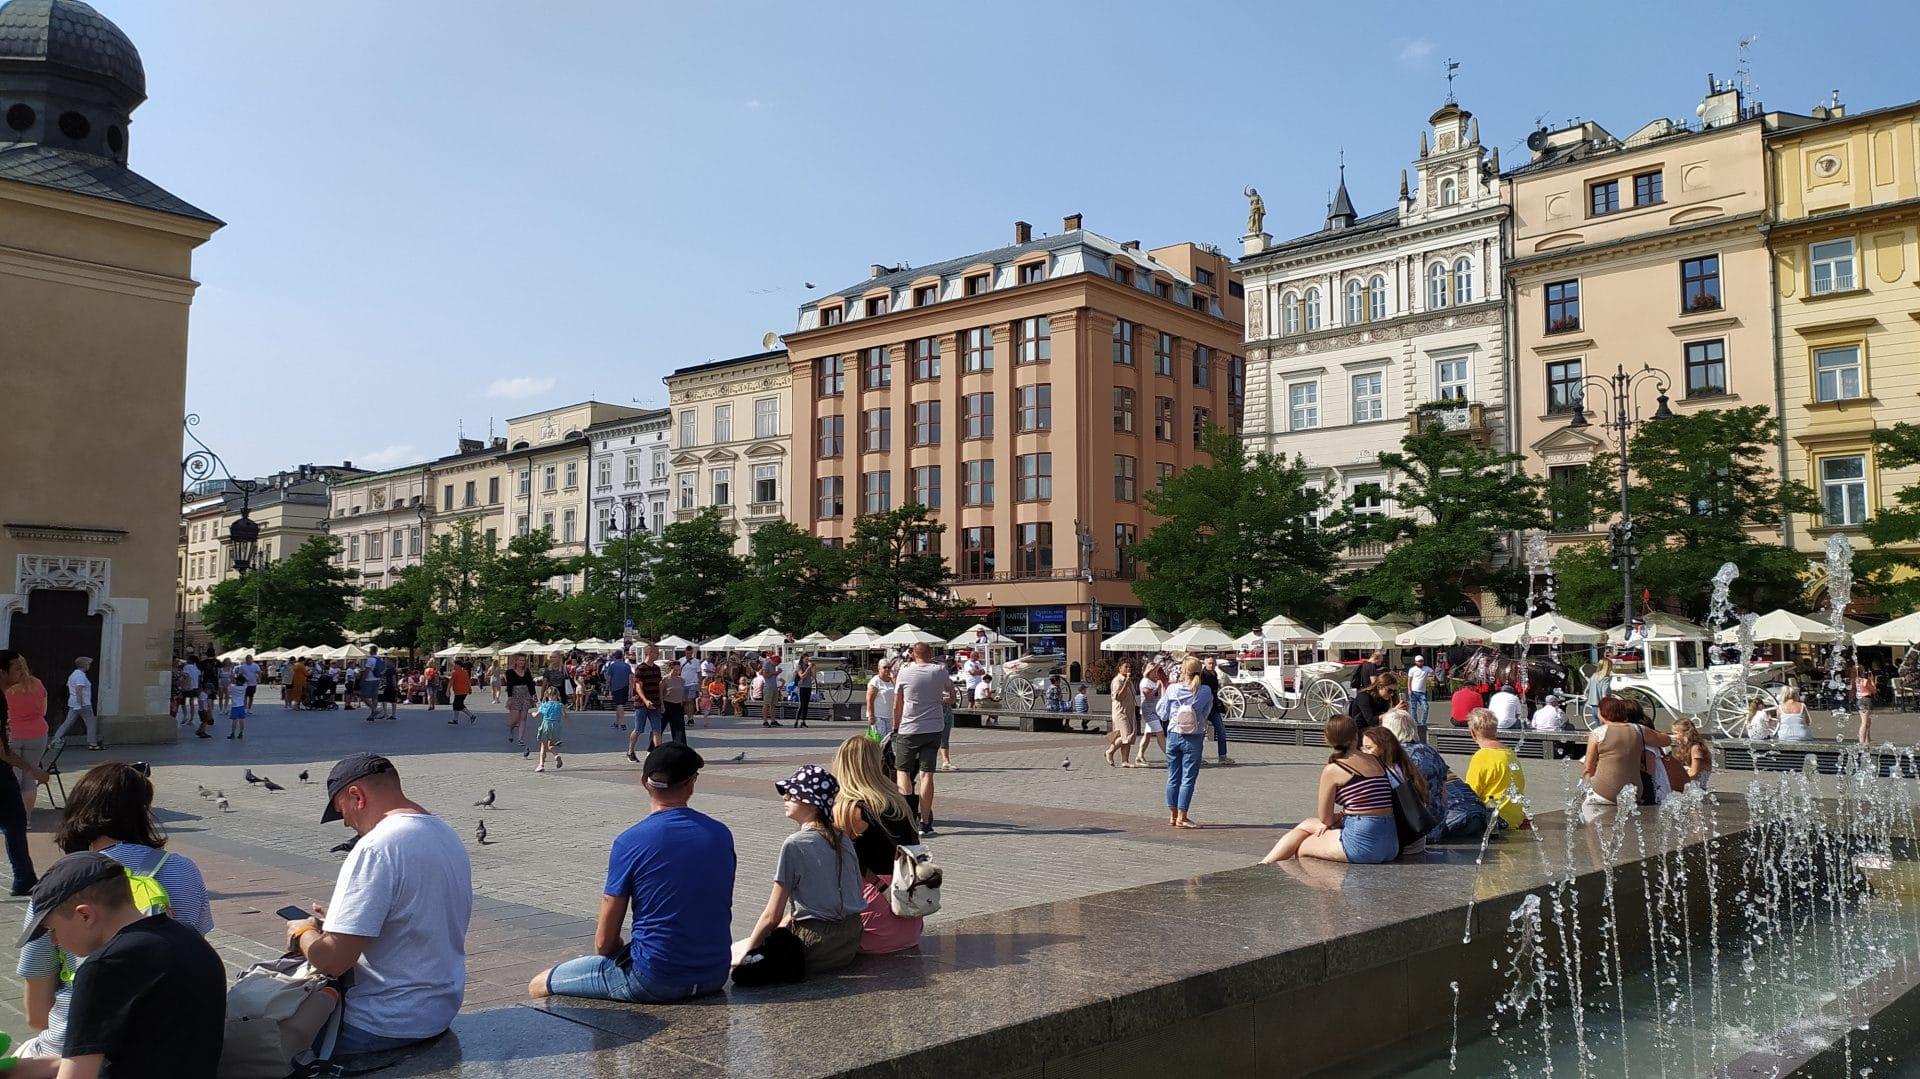 Co warto zobaczyć w Krakowie? Gmach Feniksa skrywa słynny dansing, który skutecznie zabiera co najmniej do lat 80. ubiegłego wieku.